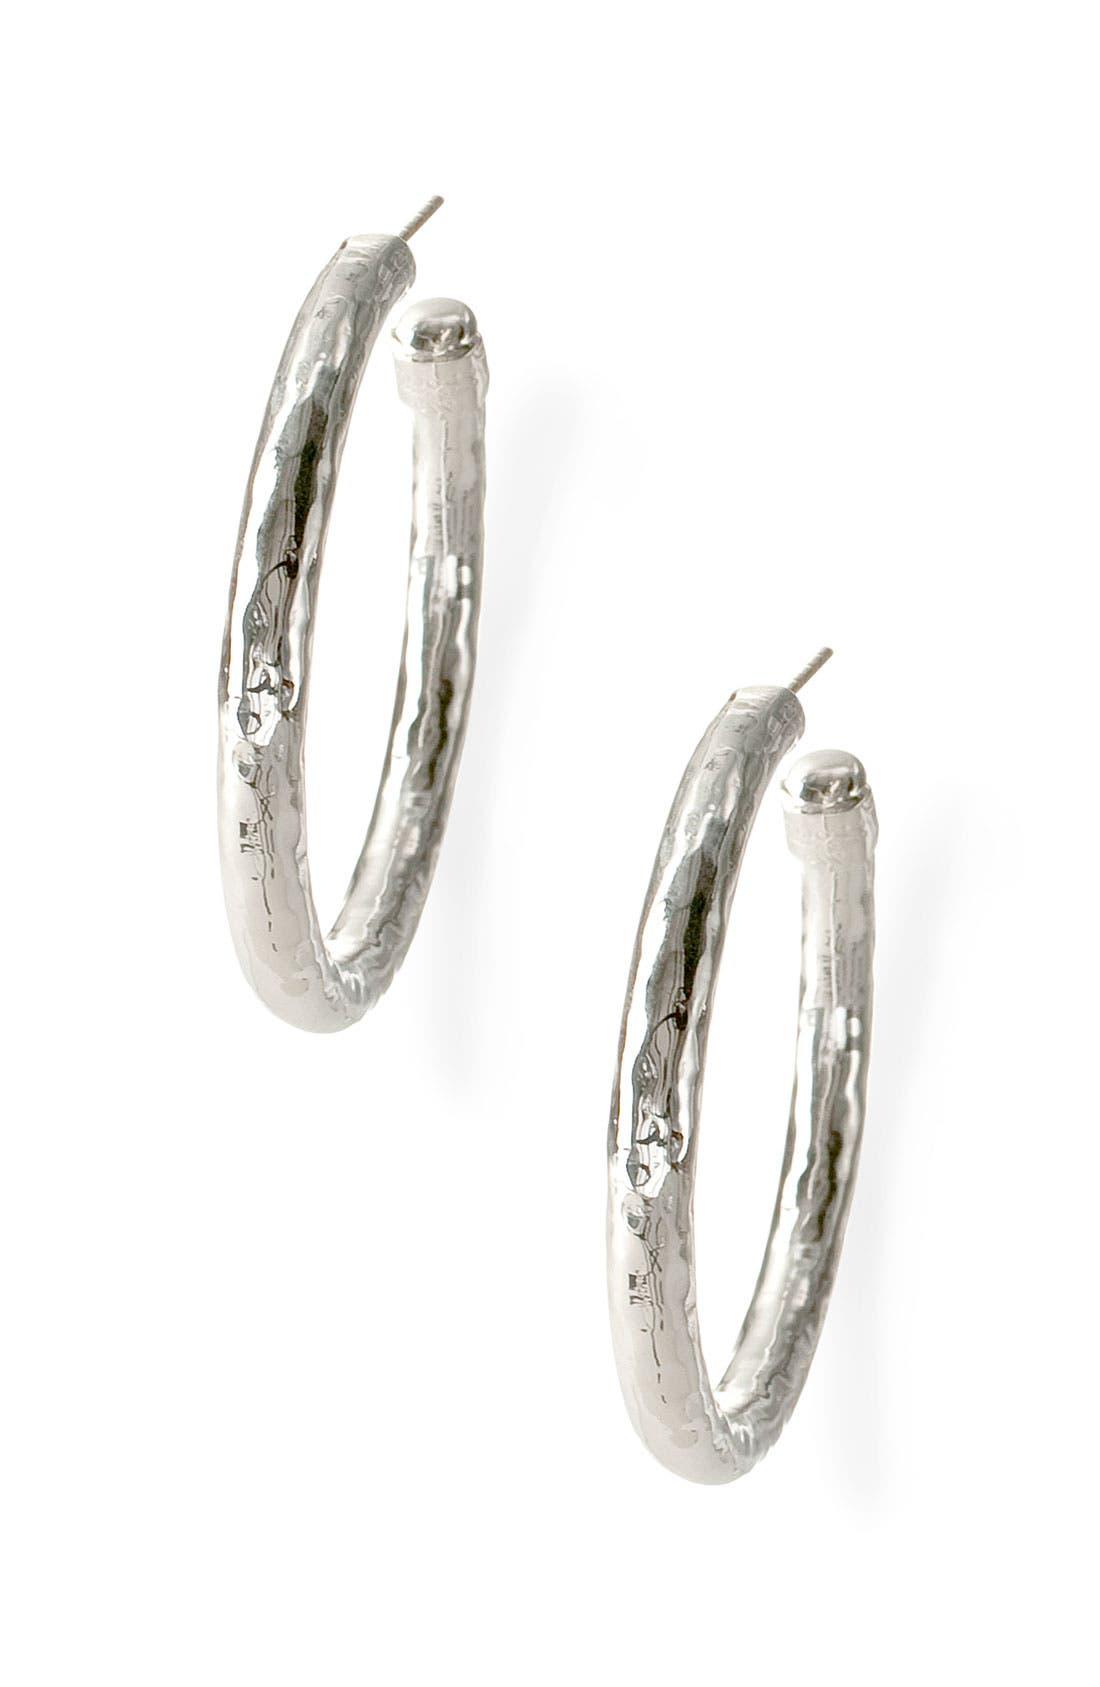 Main Image - Ippolita 'Glamazon - Number 3' Skinny Hammered Hoop Earrings